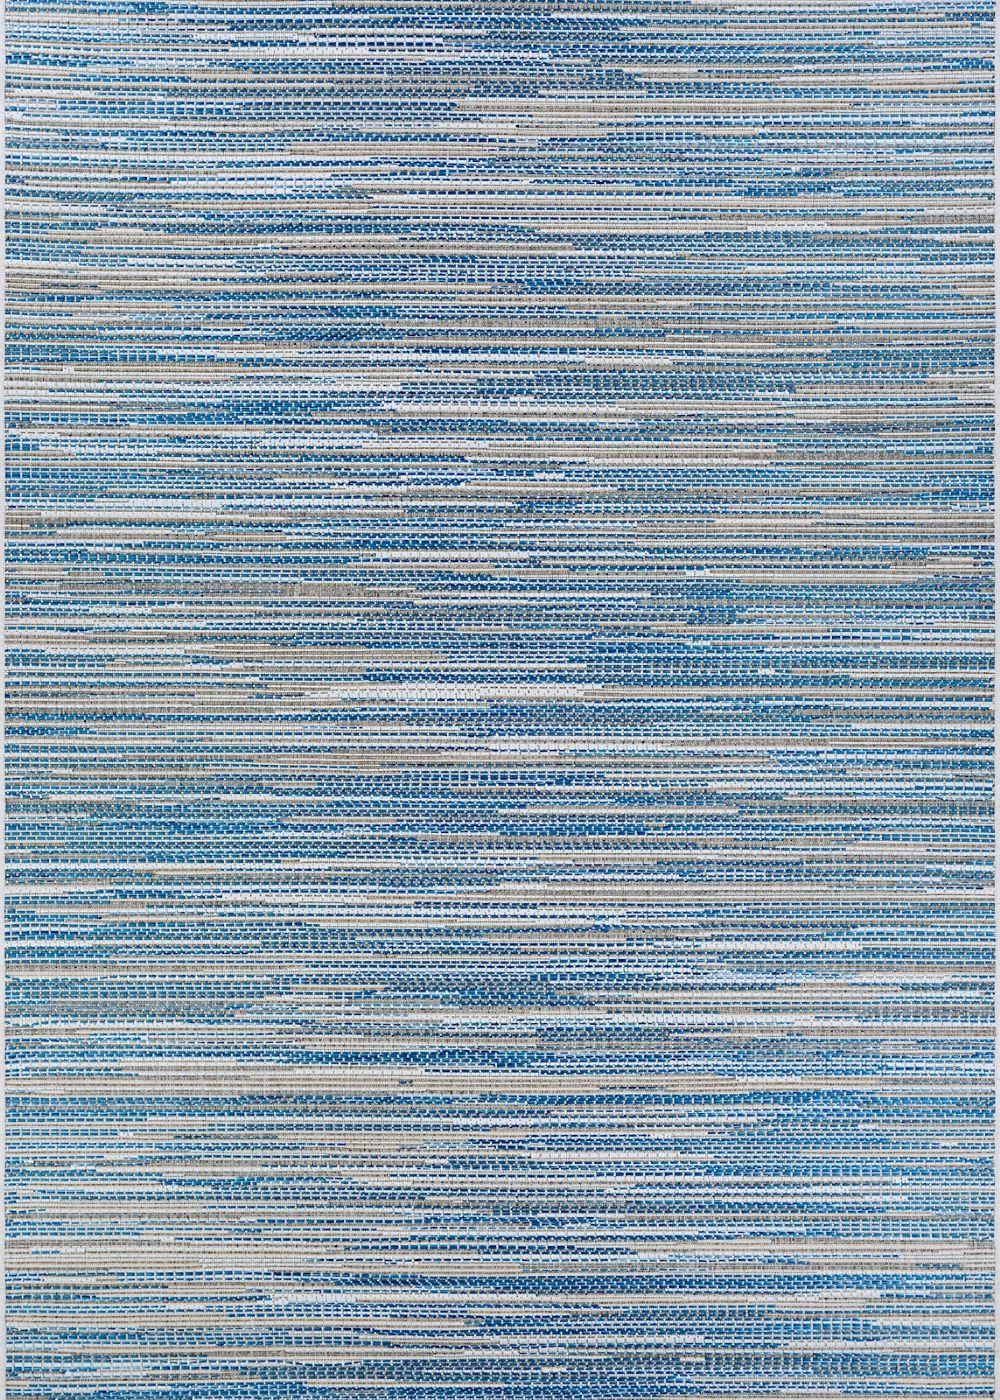 couristan monte carlo natural fiber area rug collection